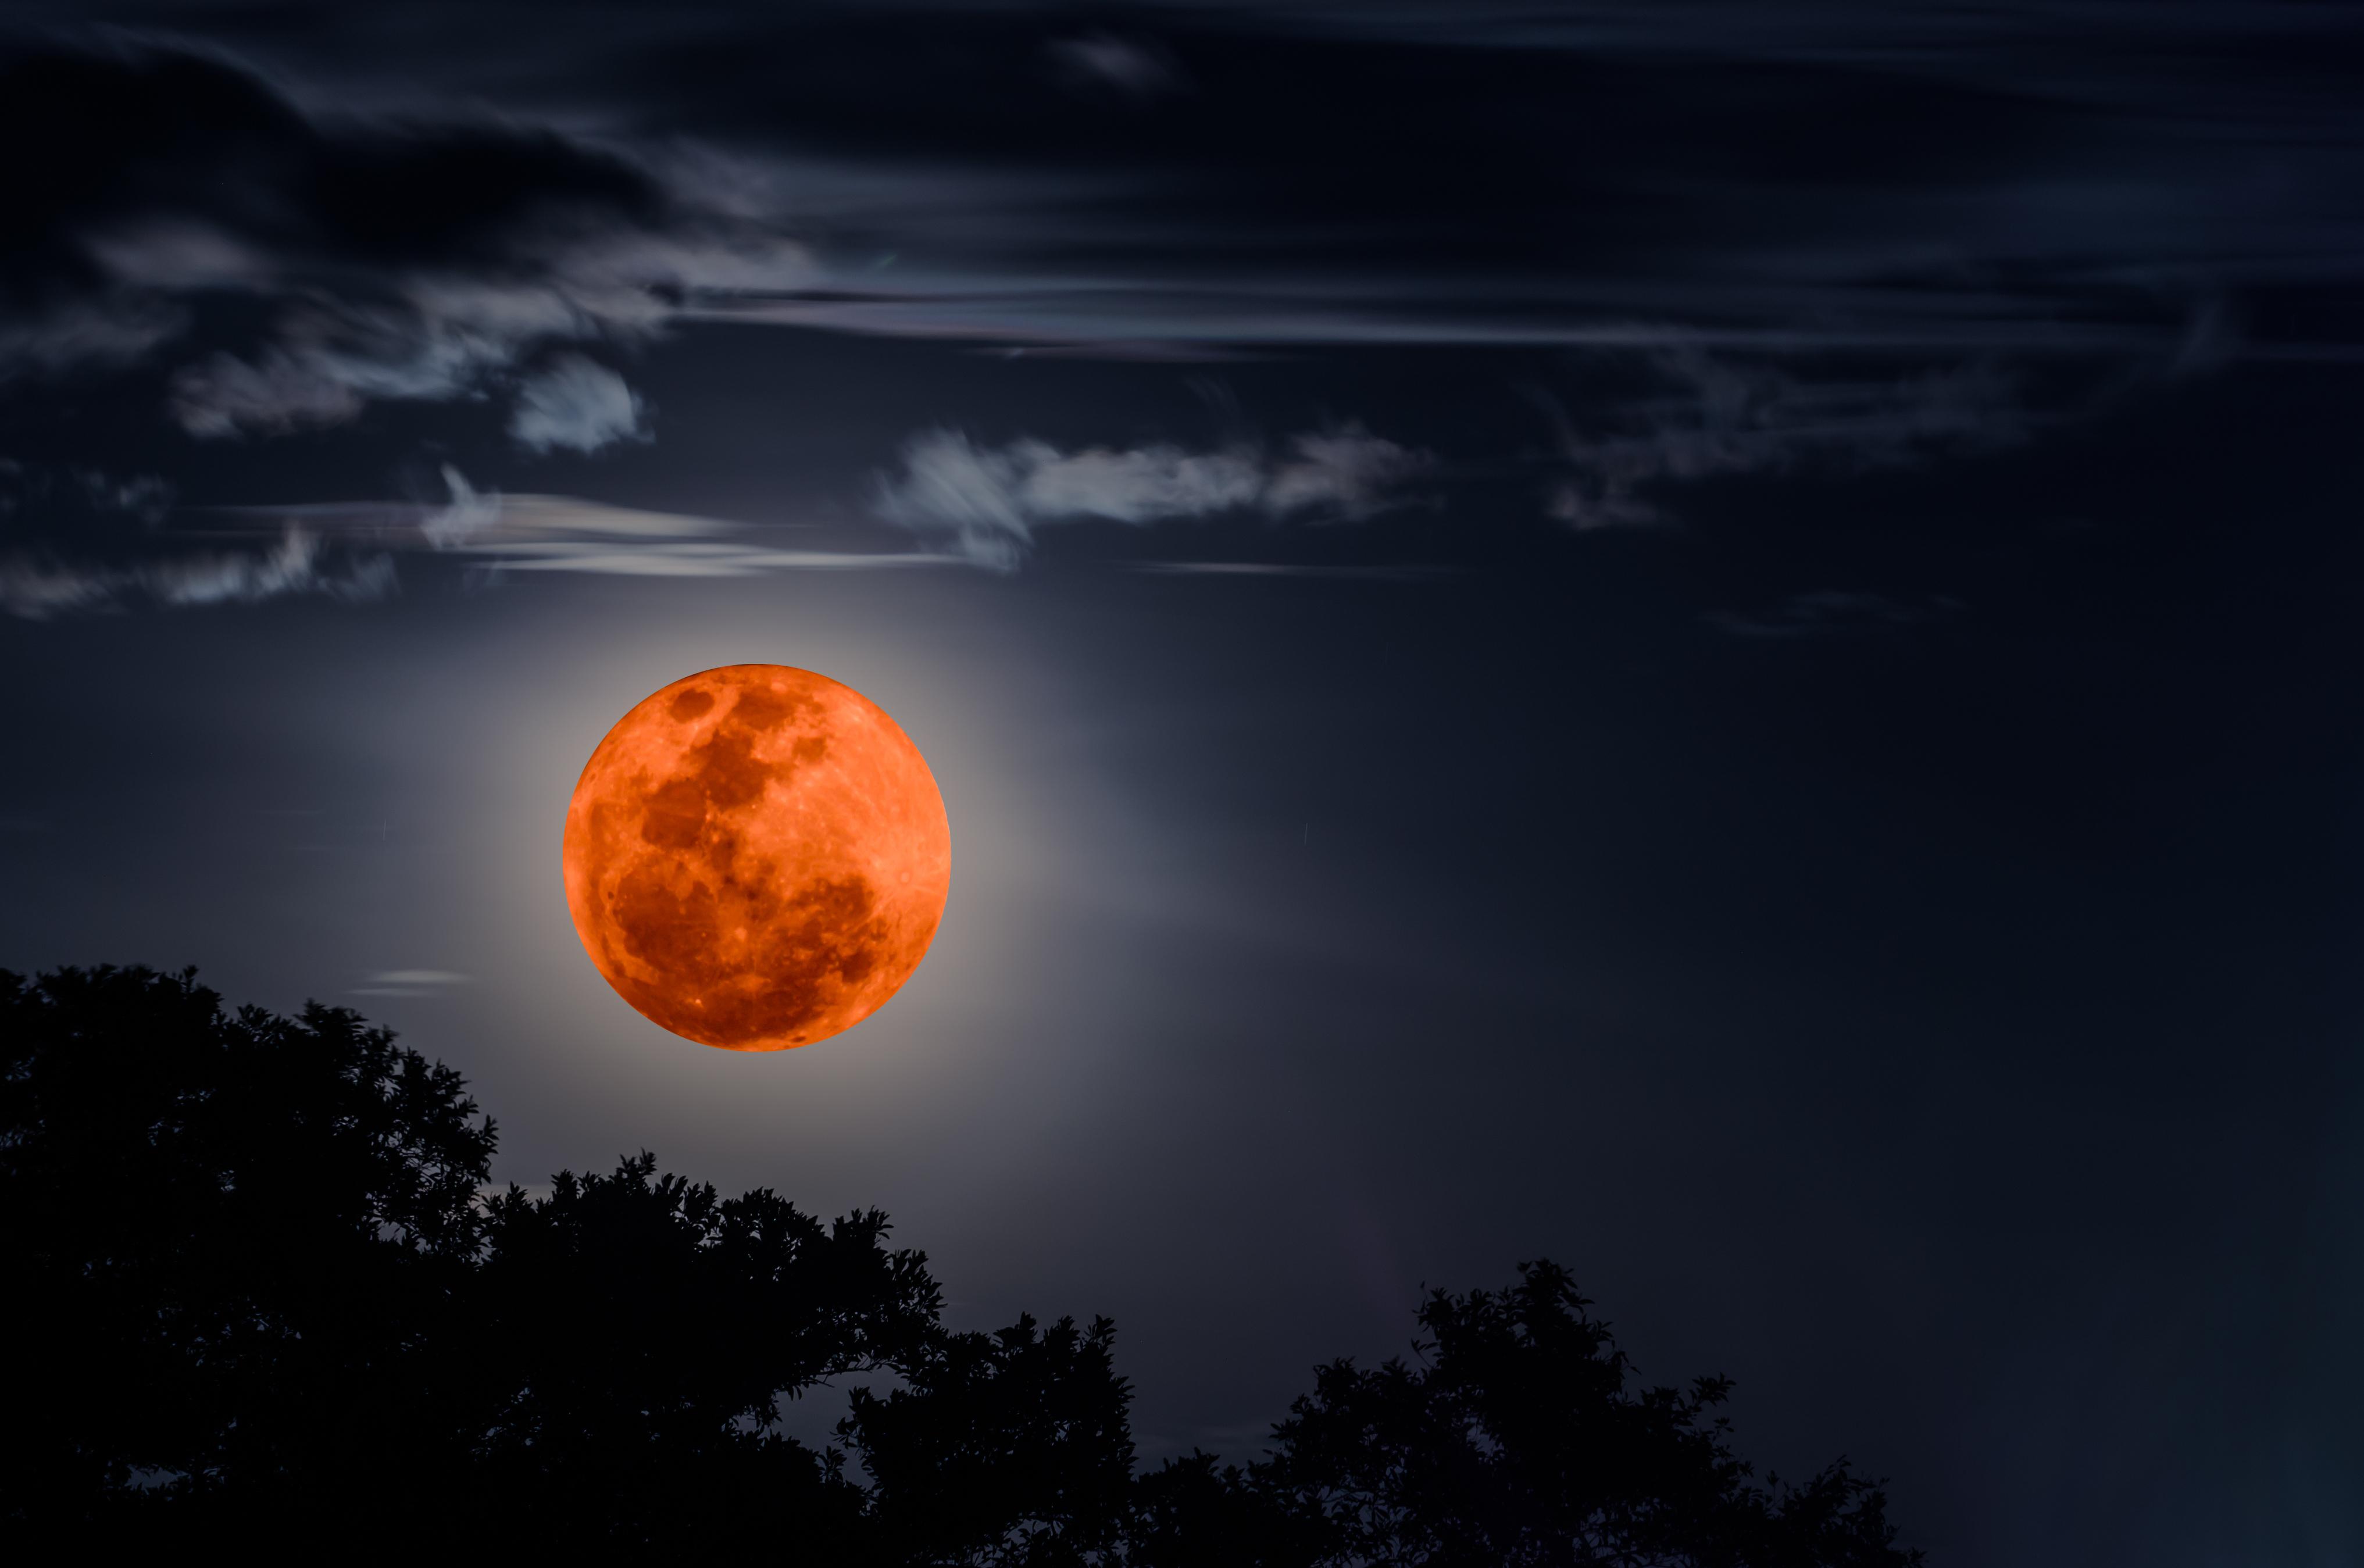 кровавое затмение луны картинки пособие для изучения